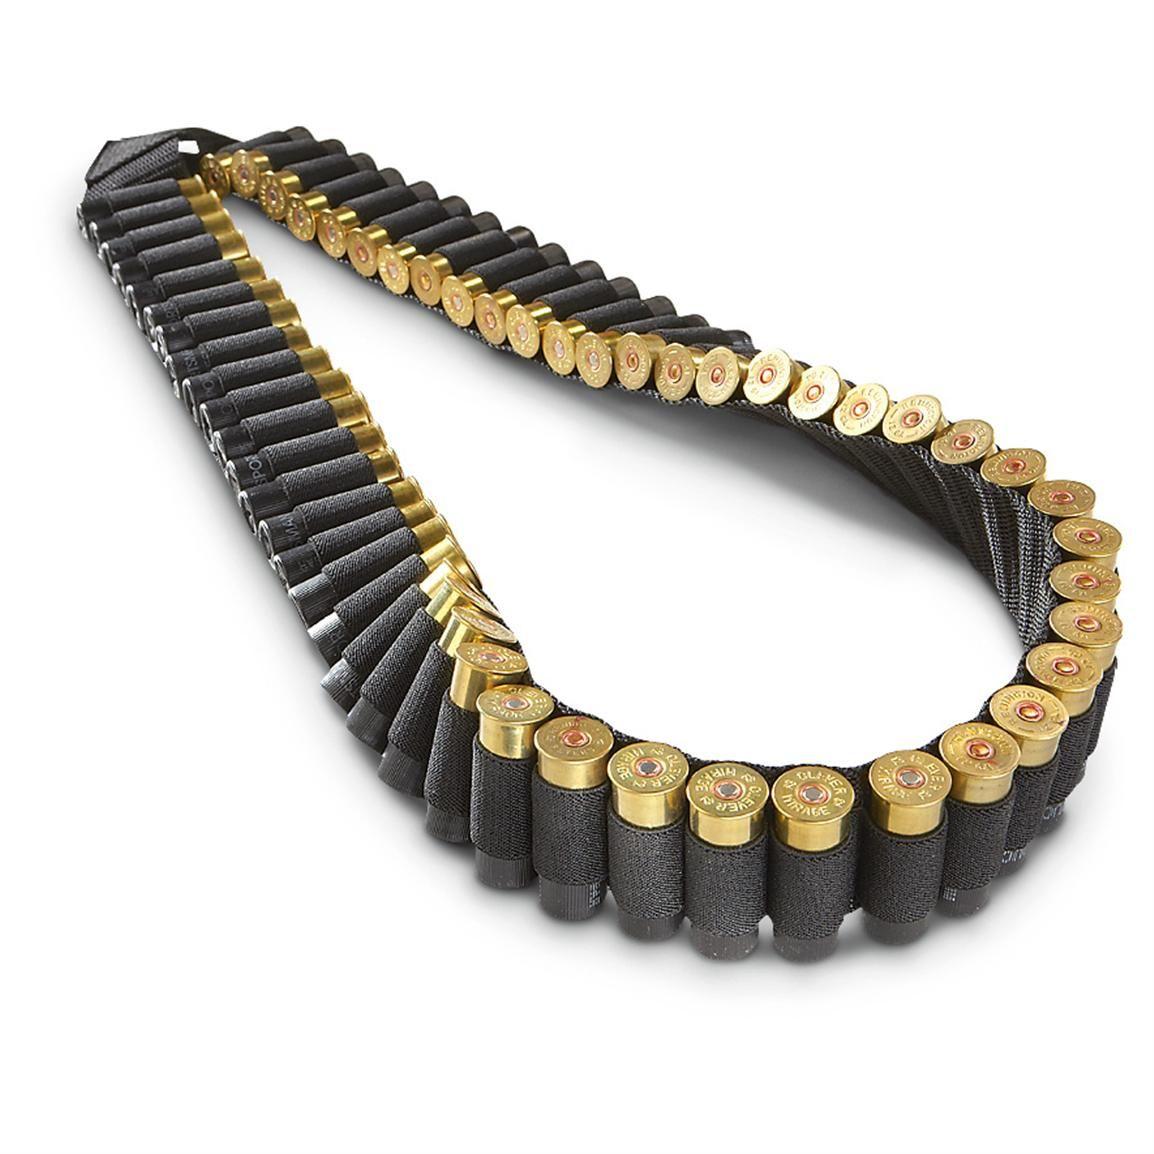 Tactical 50 Rounds Shotgun 12 20GA Gauge Bandolier Shell Holder Ammo Belt Sling